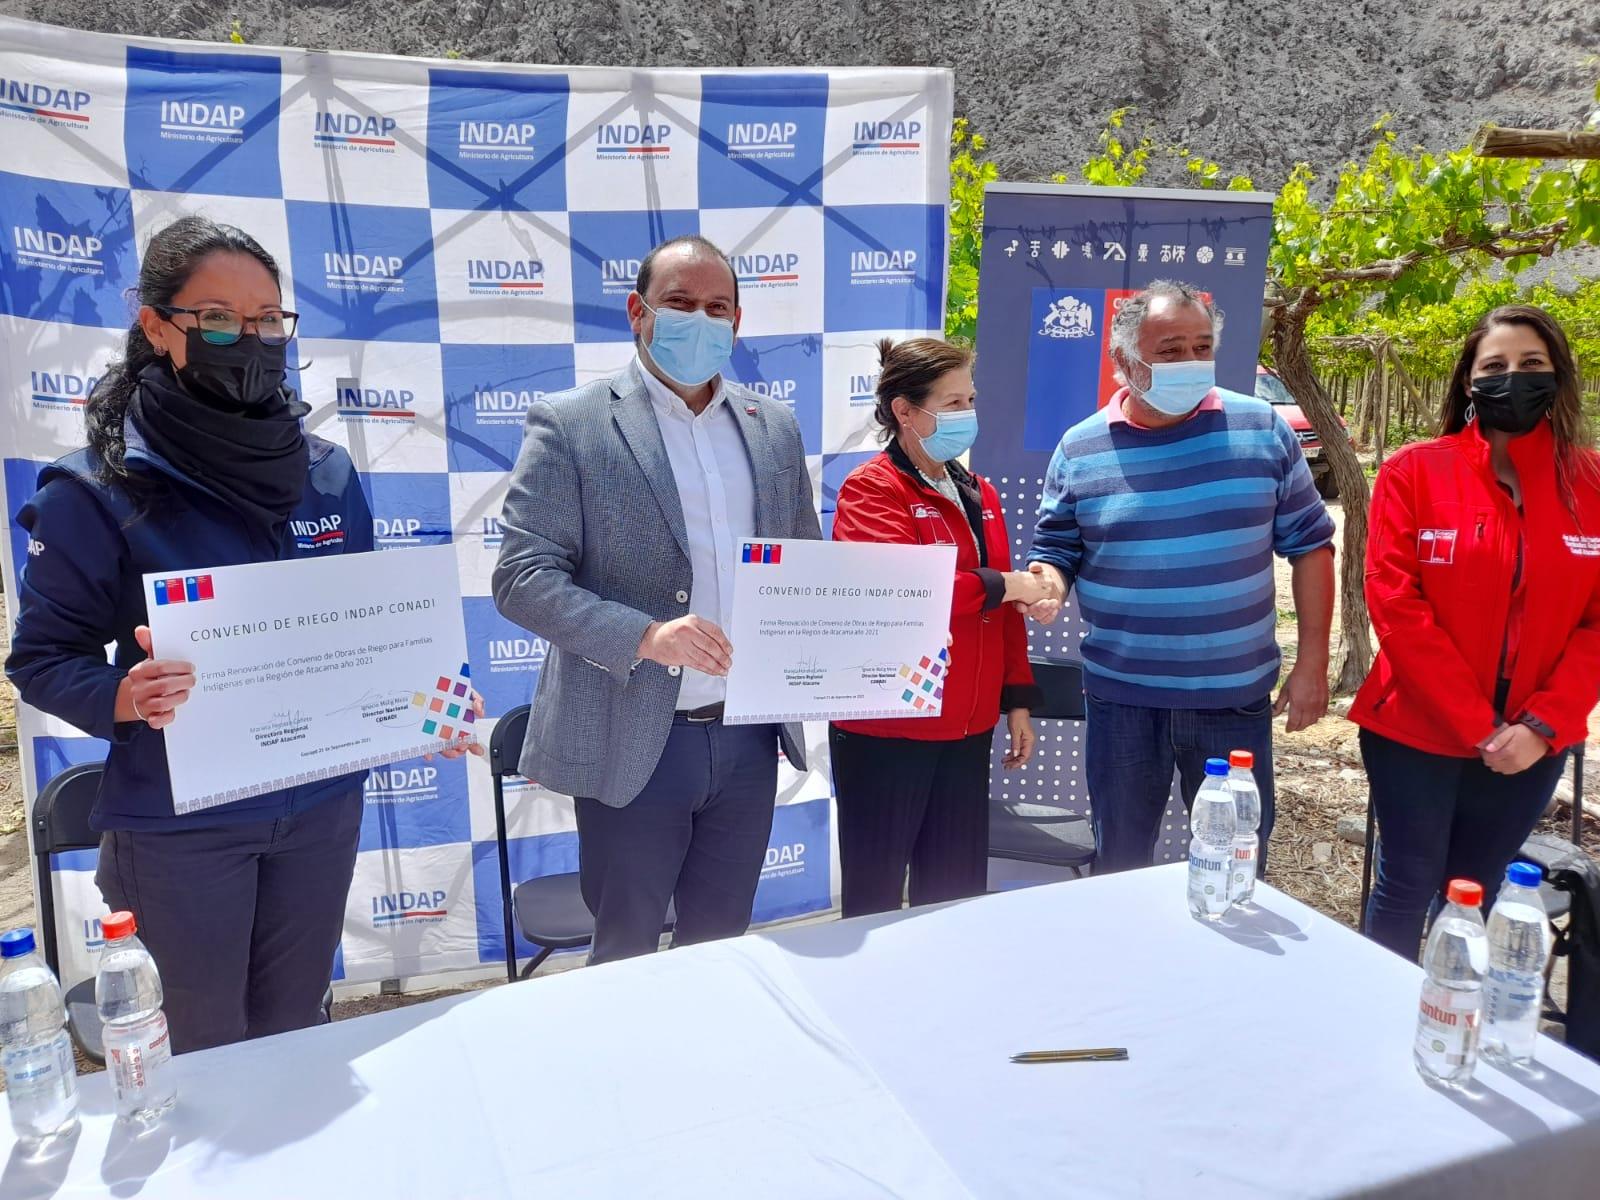 Corporación Nacional de Desarrollo Indígena entrega más de 1.000 millones en recursos para iniciativas de riego de indígenas en la Región de Atacama